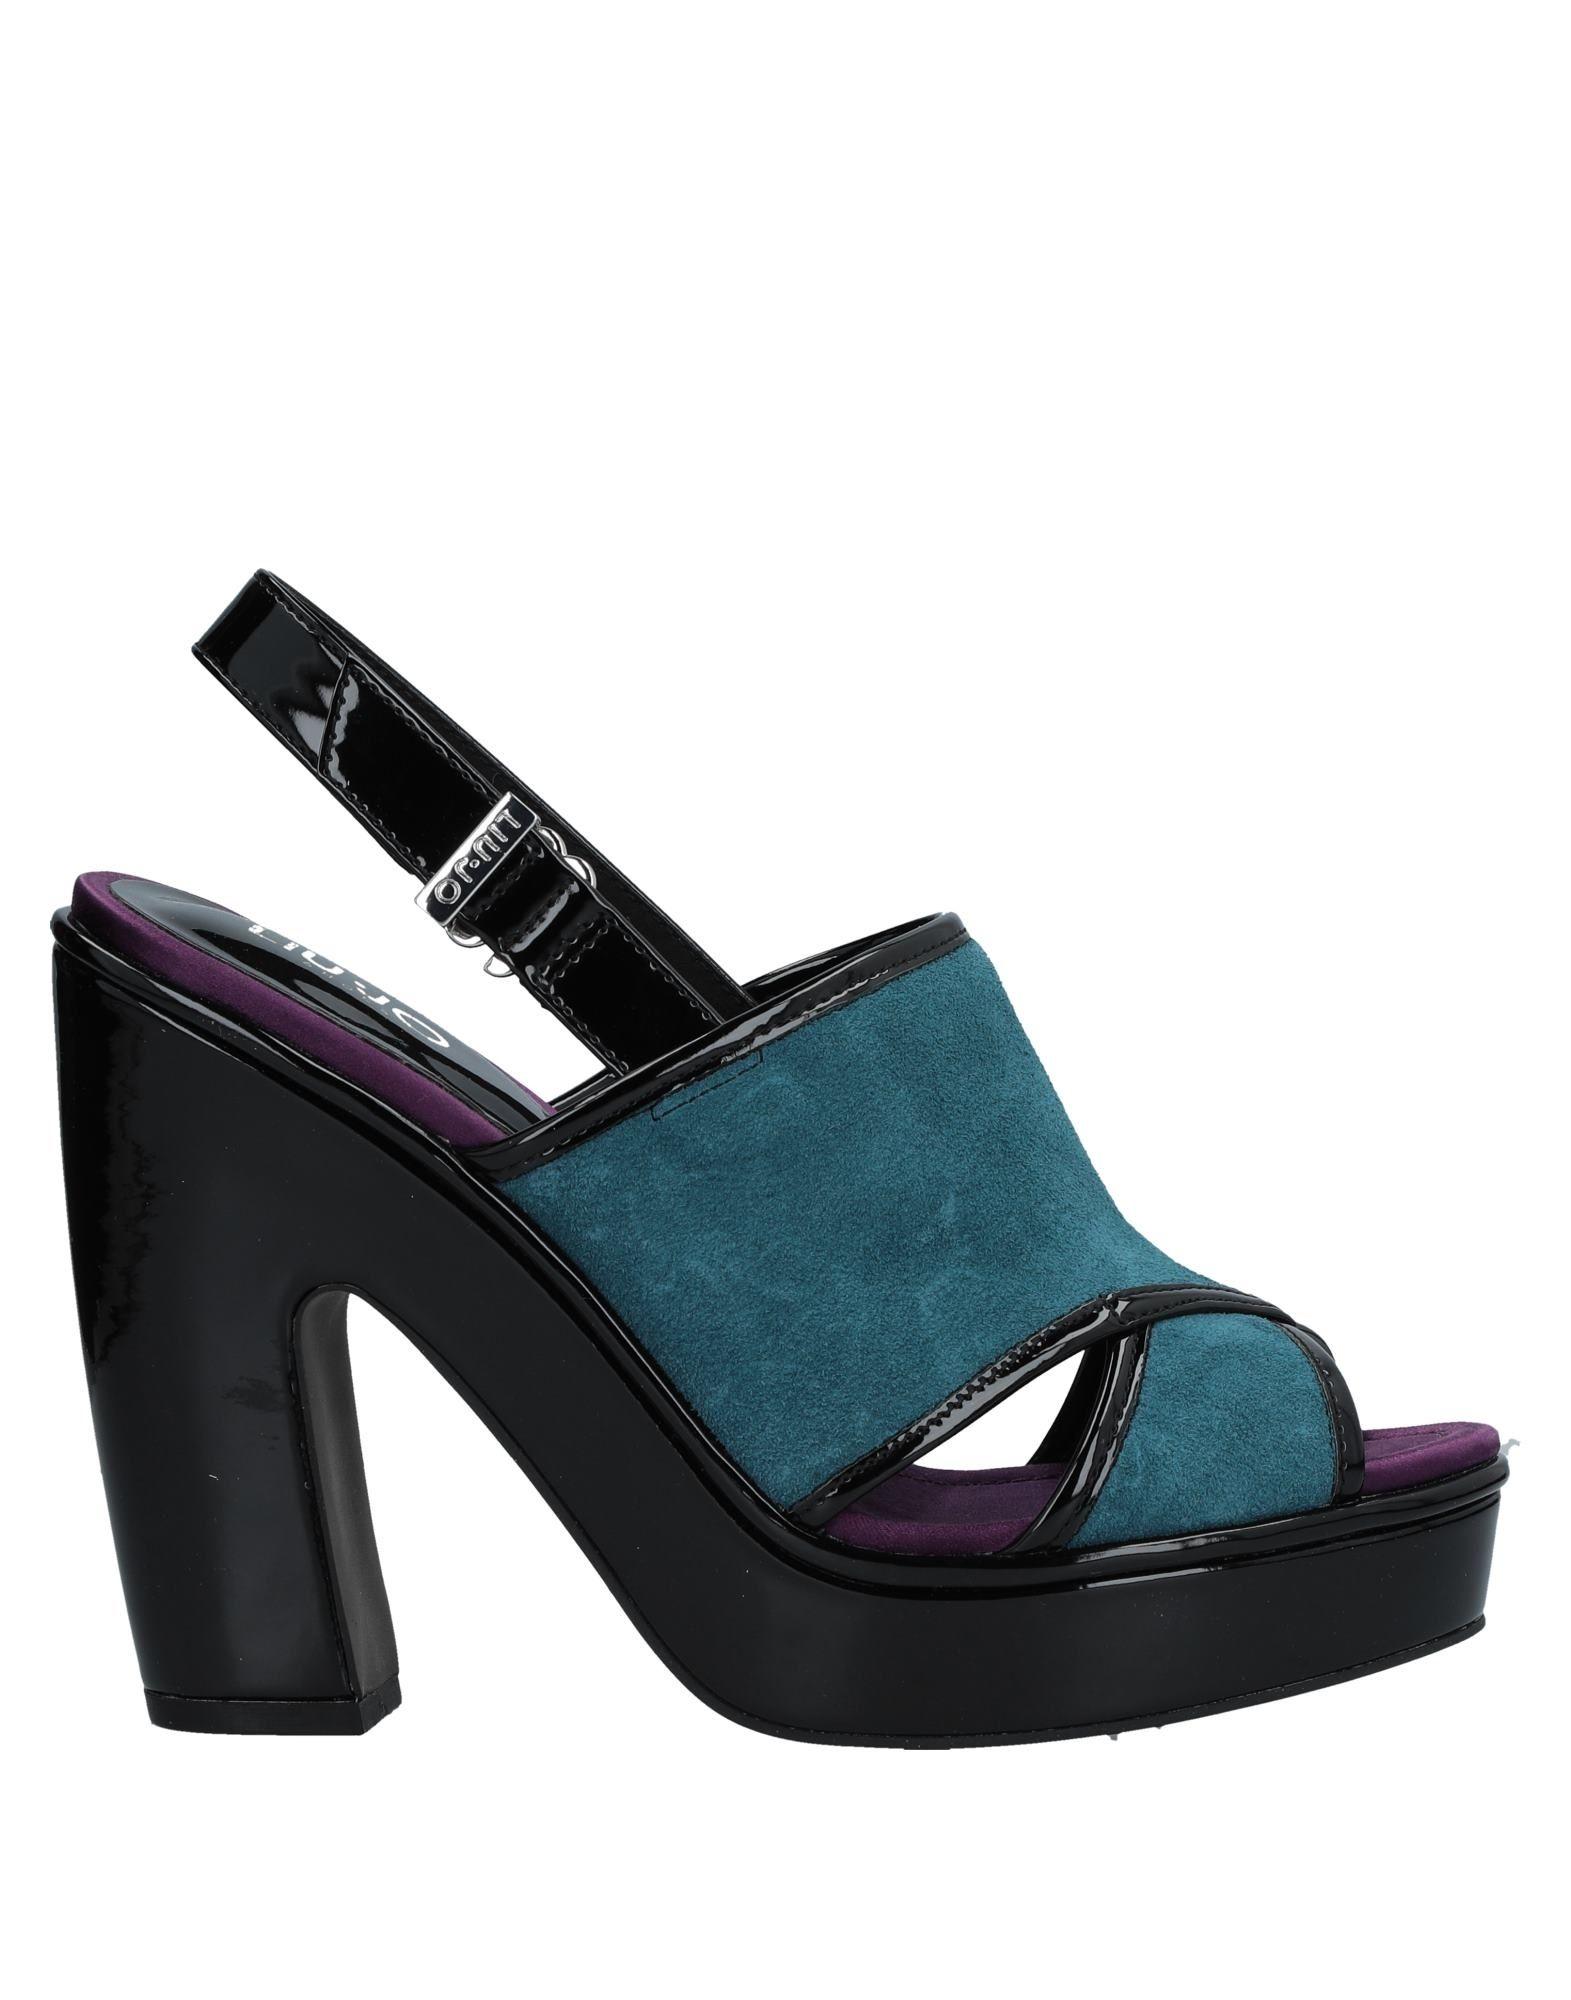 Klassischer Gutes Stil-4149,Liu •Jo Shoes Sandalen Damen Gutes Klassischer Preis-Leistungs-Verhältnis, es lohnt sich c840c4